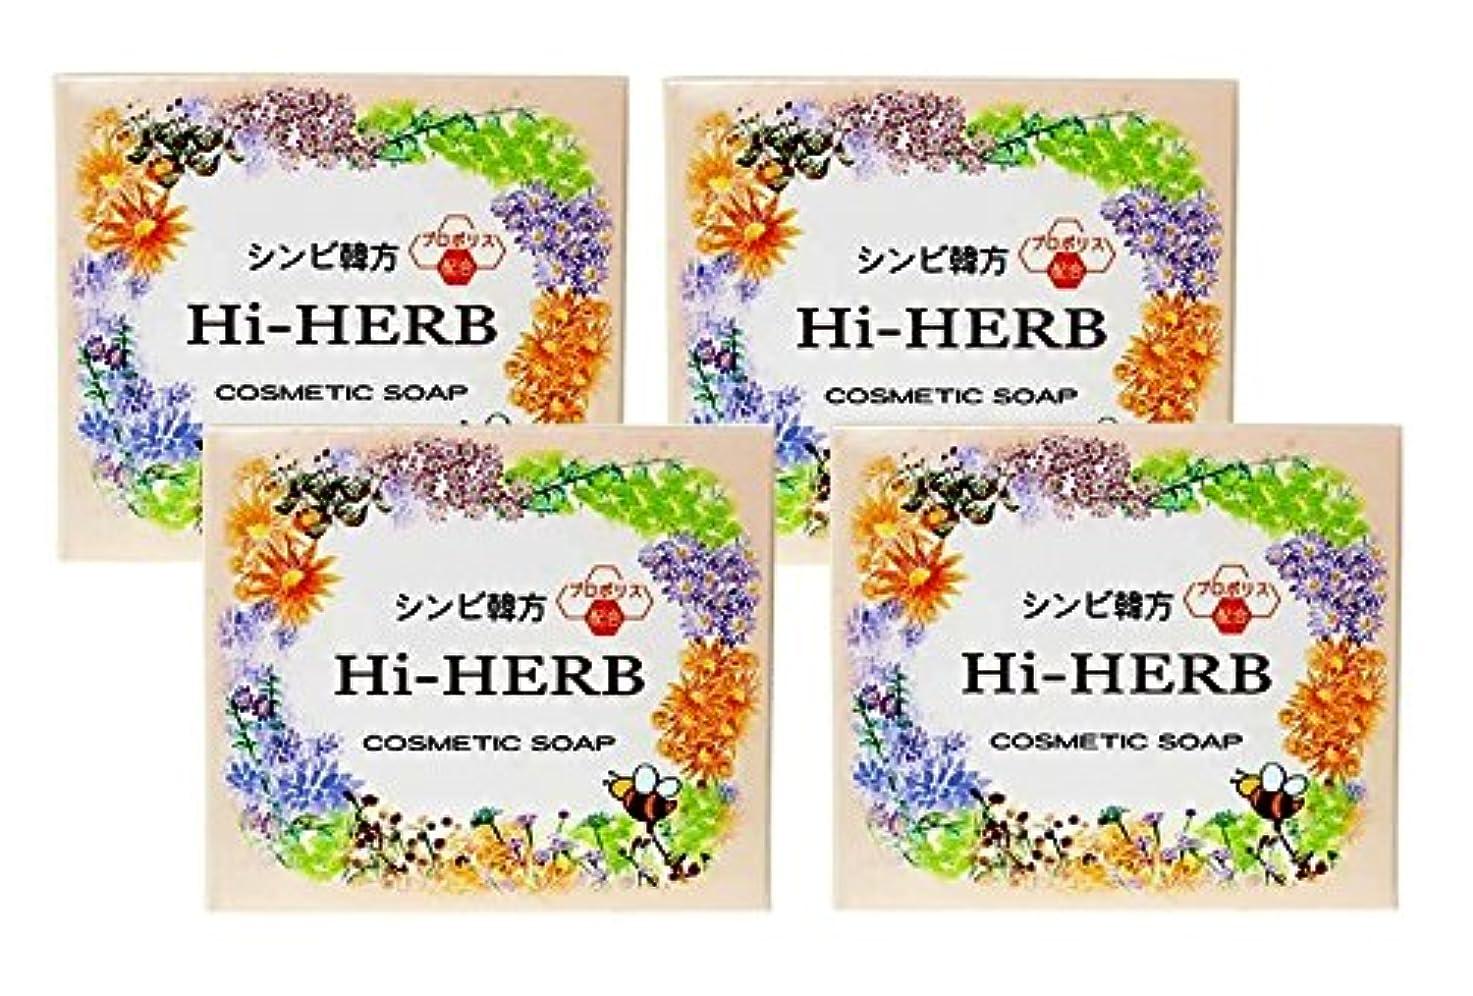 アーティスト好むツール【シンビ】韓方ハイハーブ石鹸 100g×4個セット